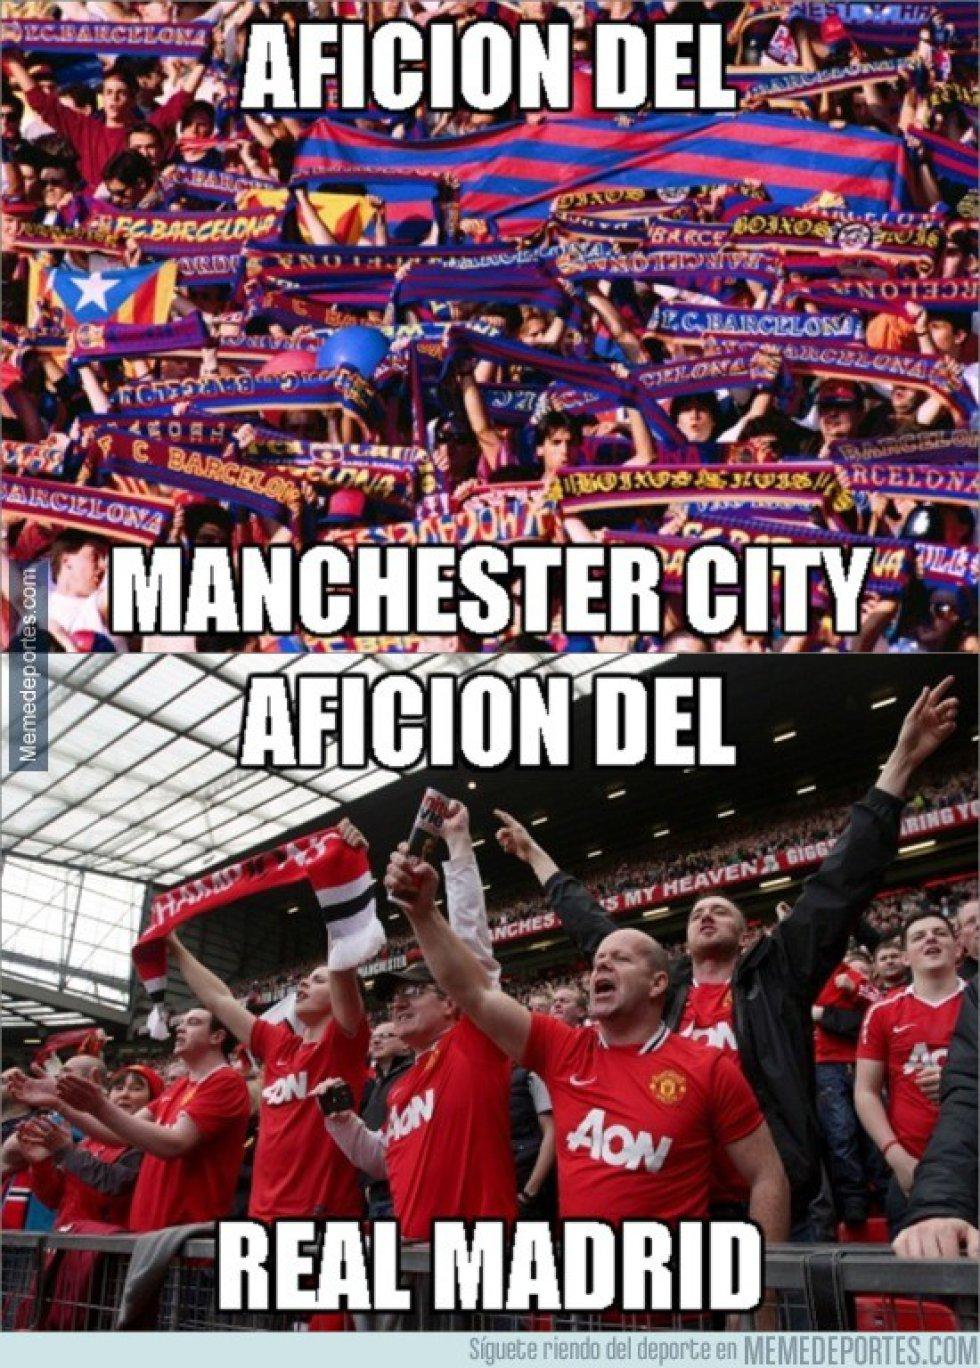 Los seguidores del Barcelona y los del Manchester United apoyaron al Manchester City y al Real Madrid, respectivamente